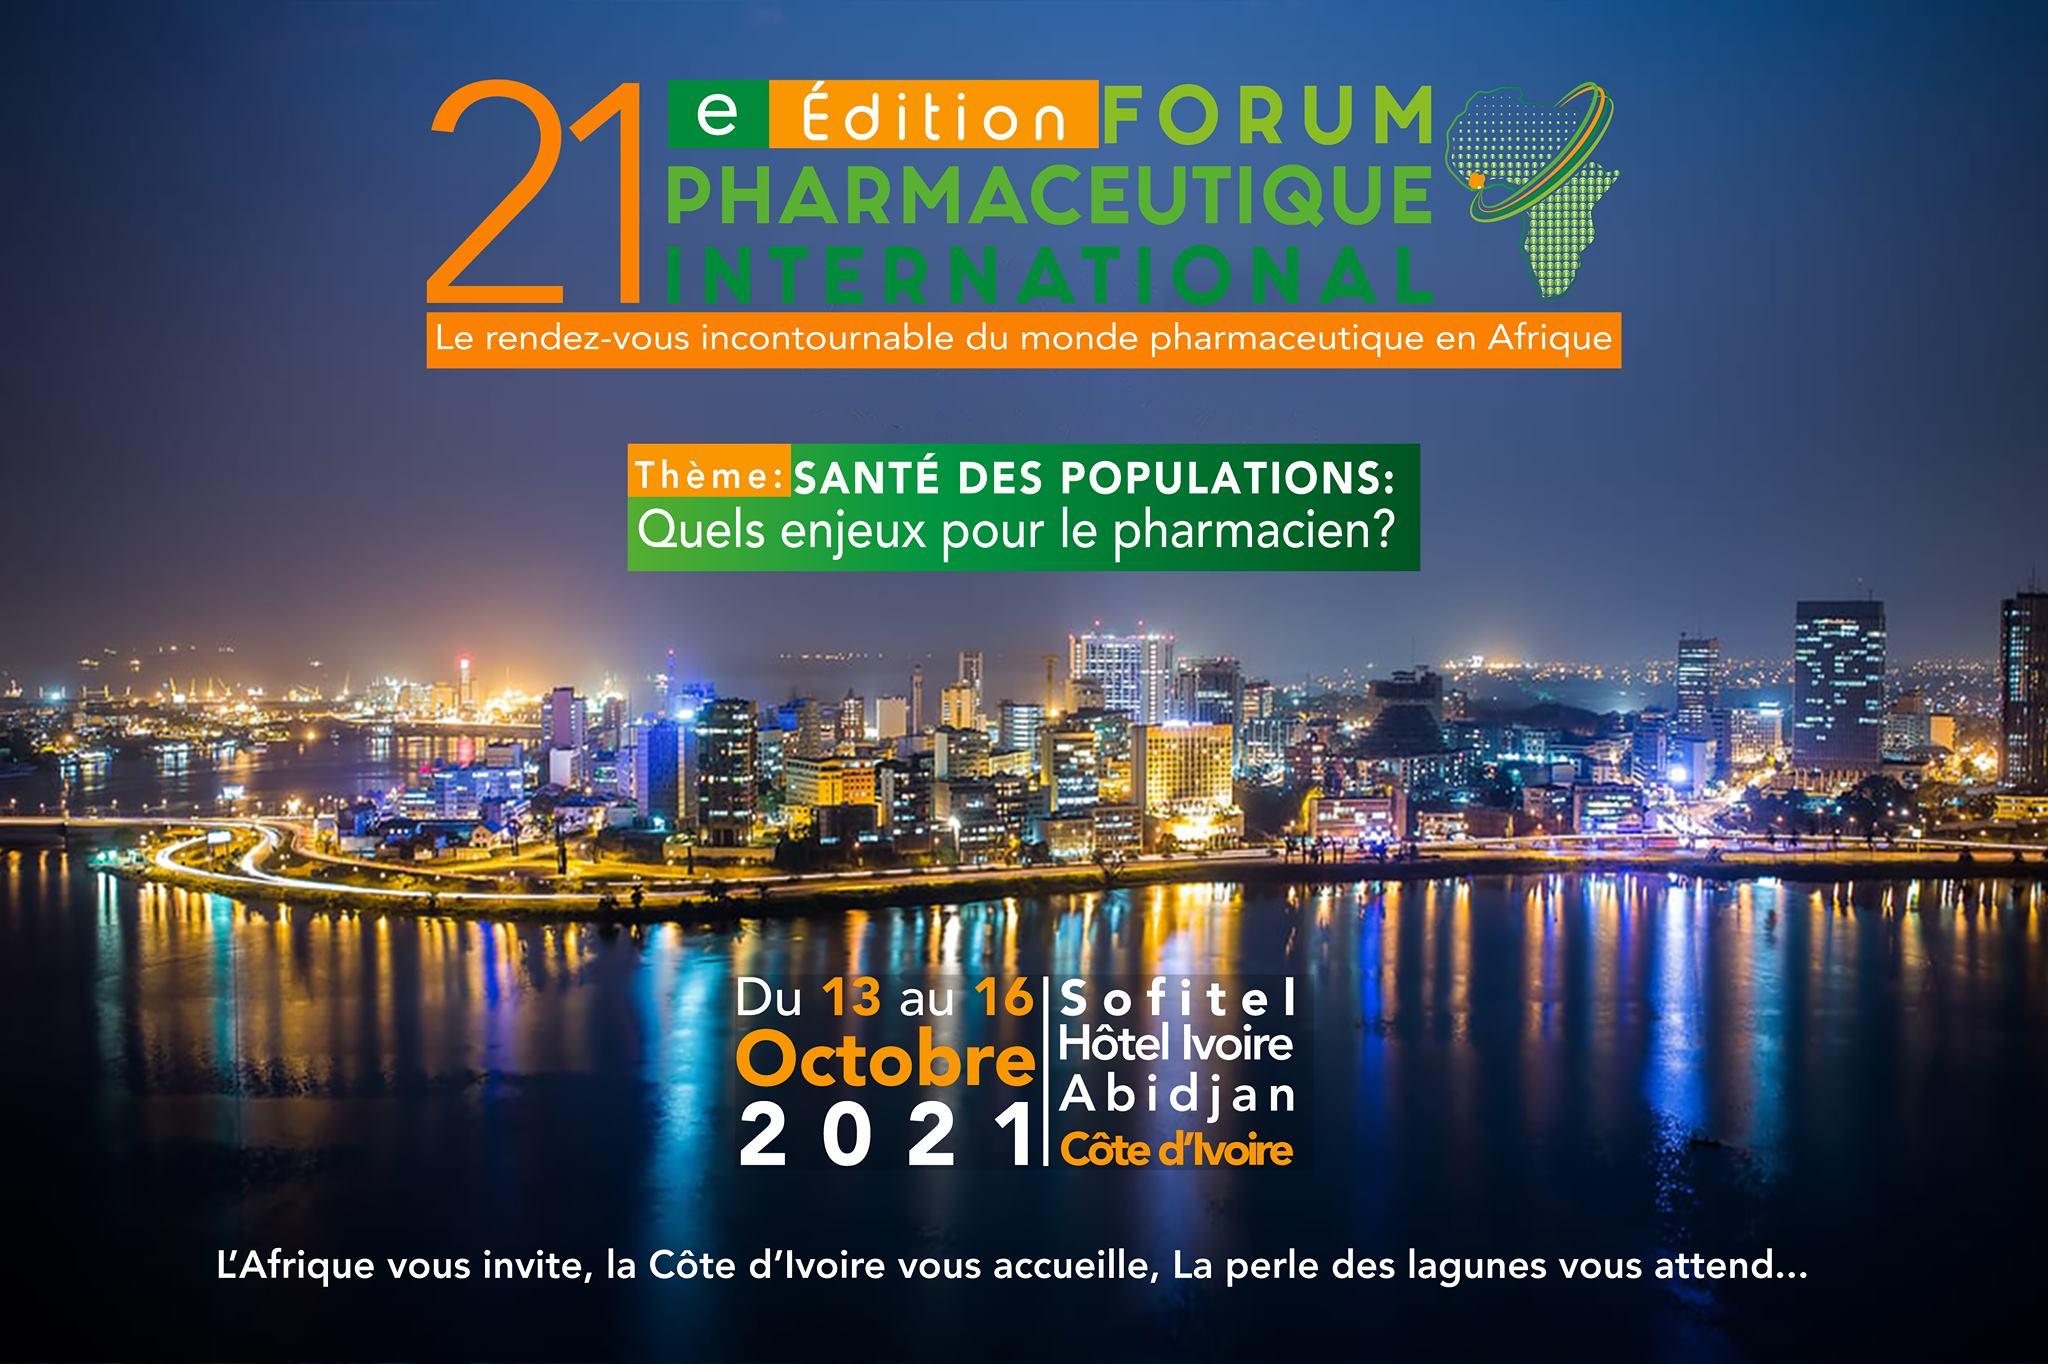 FORUM PHARMACEUTIQUE INTERNATIONAL-ABIDJAN 2021